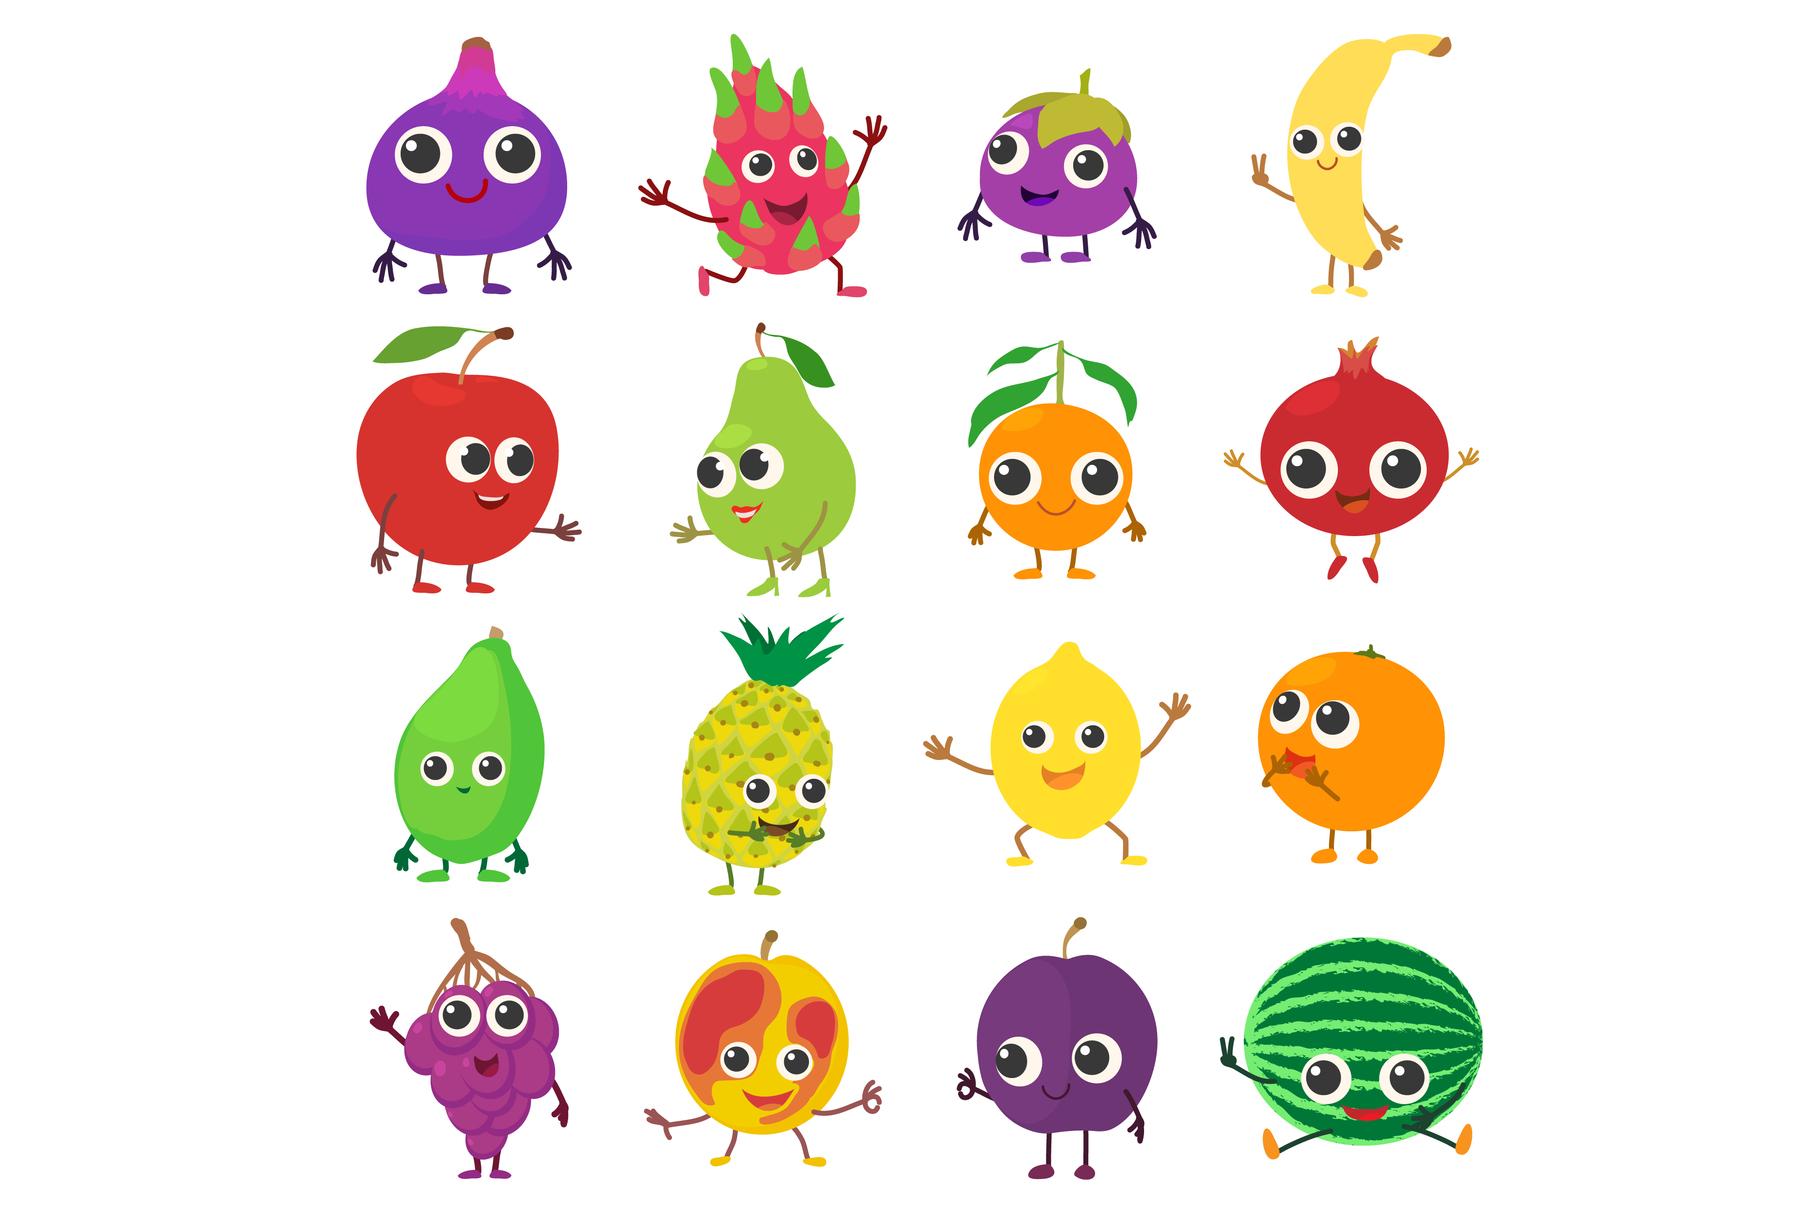 Smiling fruit icons set, cartoon style example image 1